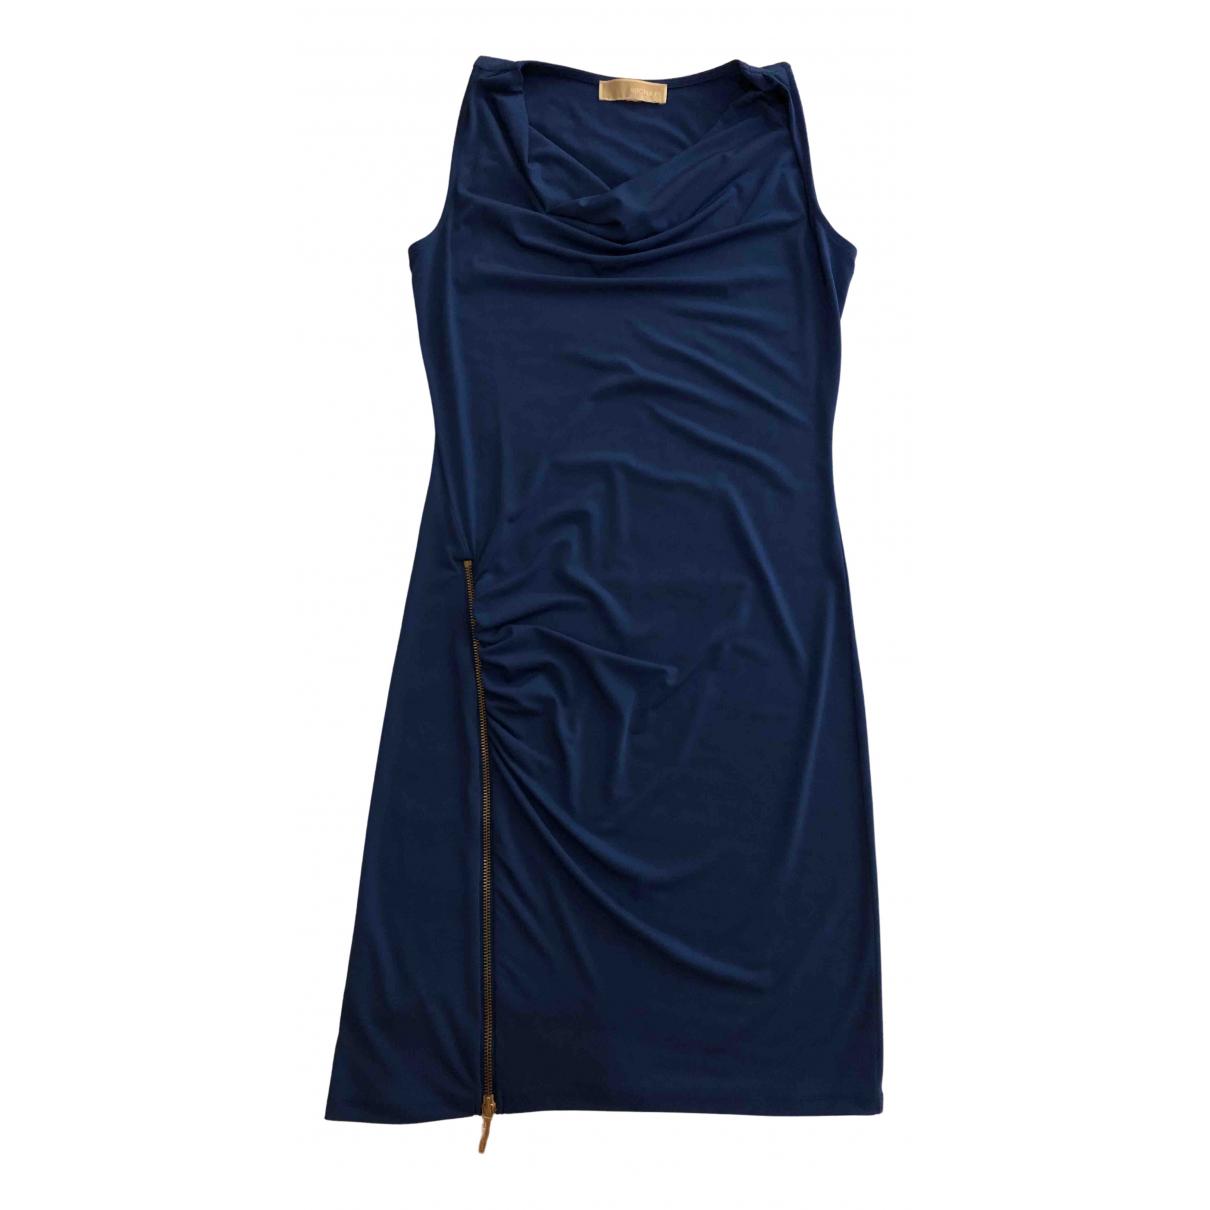 Michael Kors N Blue dress for Women 38 FR